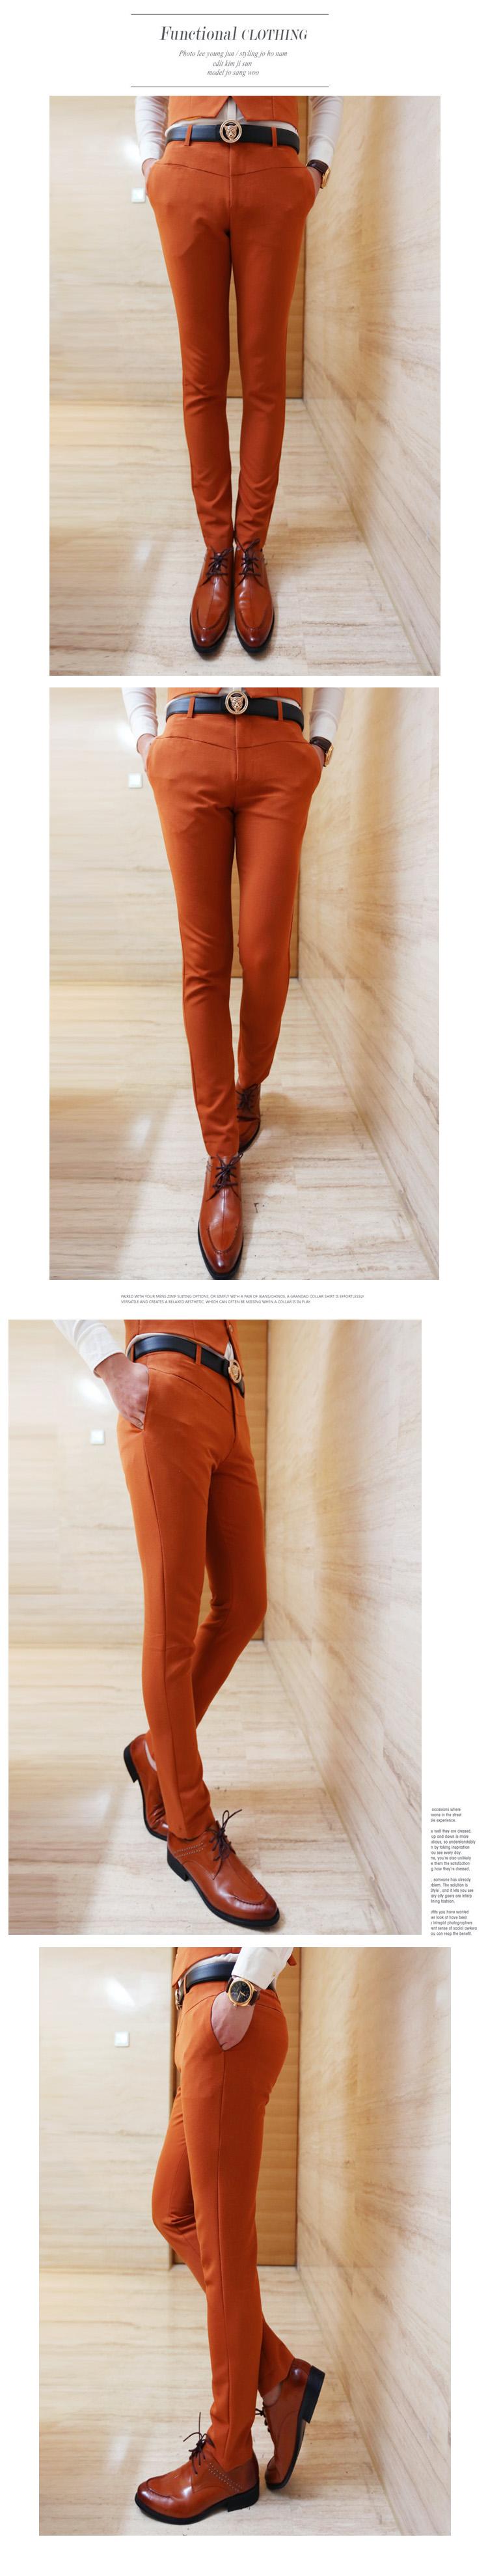 2016 הסתיו והחורף אנשים חדשים קוריאנית עיצוב סלים מקרית מוצק צבע המכנסיים / זכר מועדון לילה סלים מכנסיים ארוכים